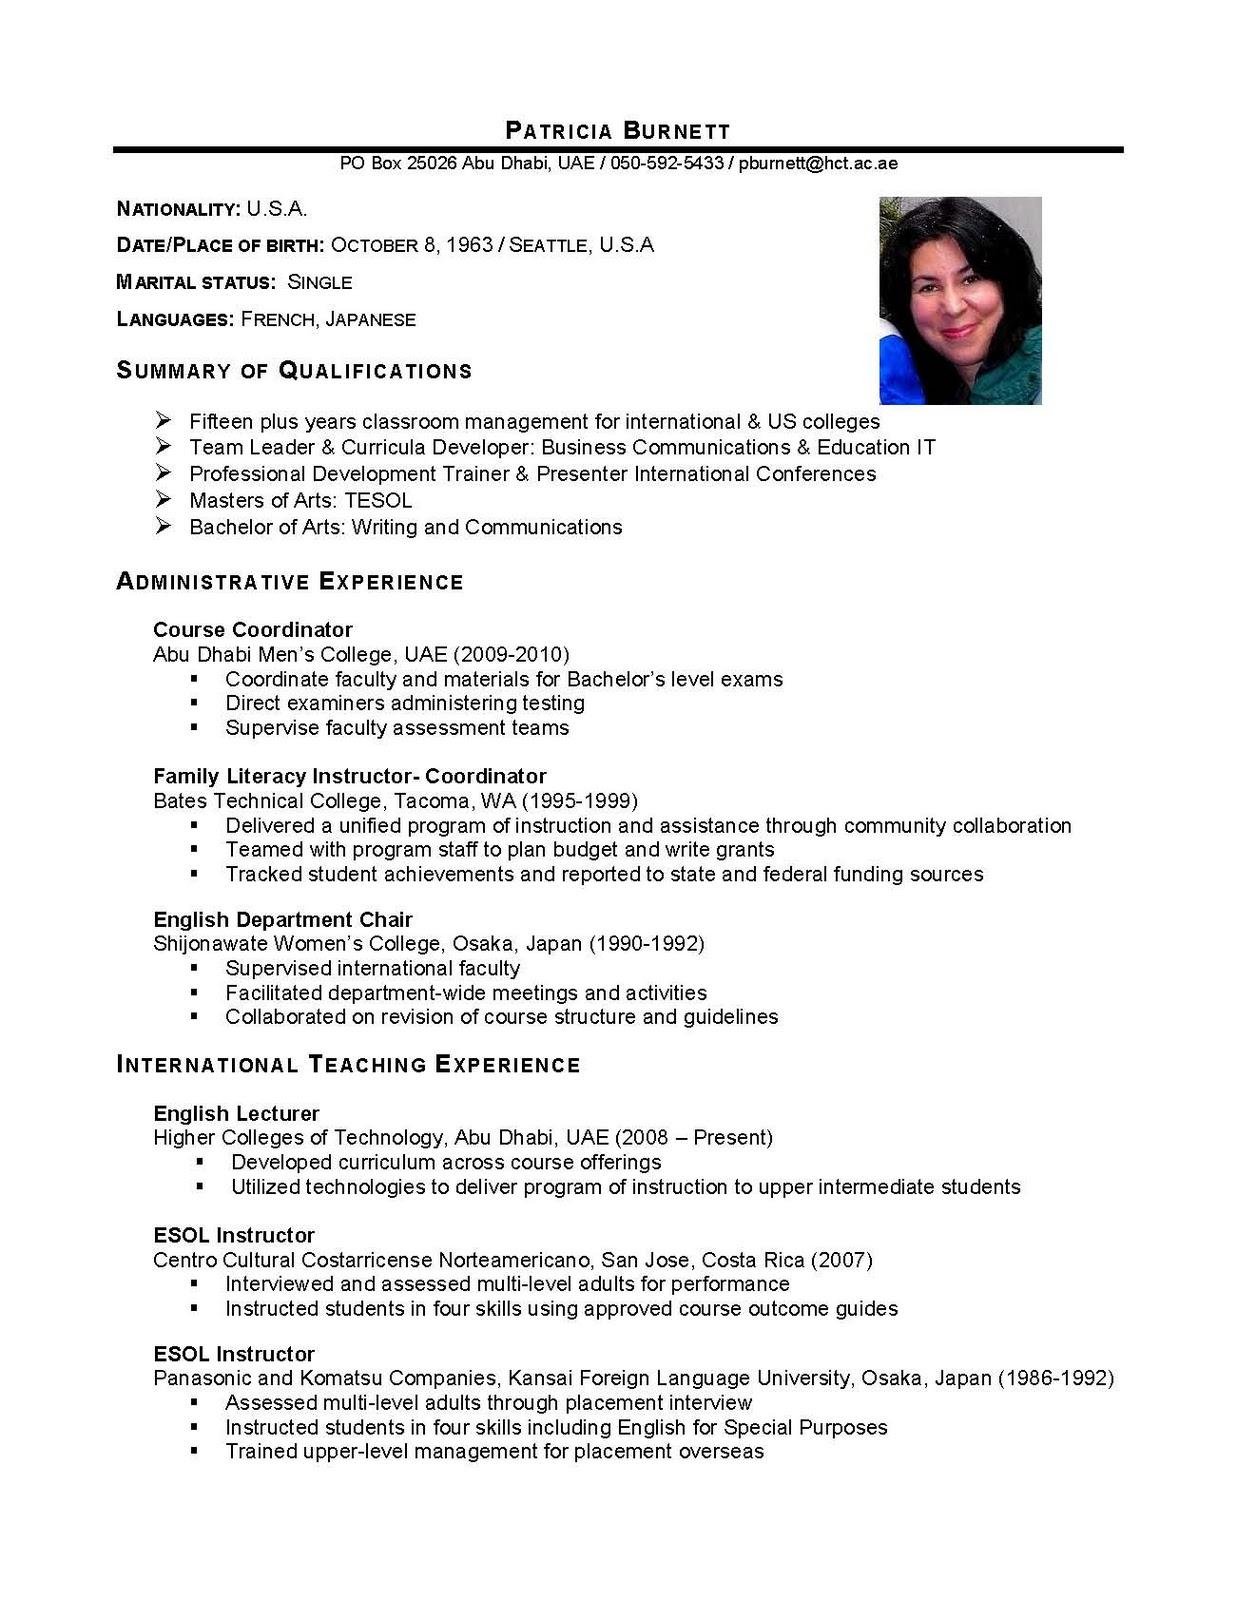 resume curriculum vitae example